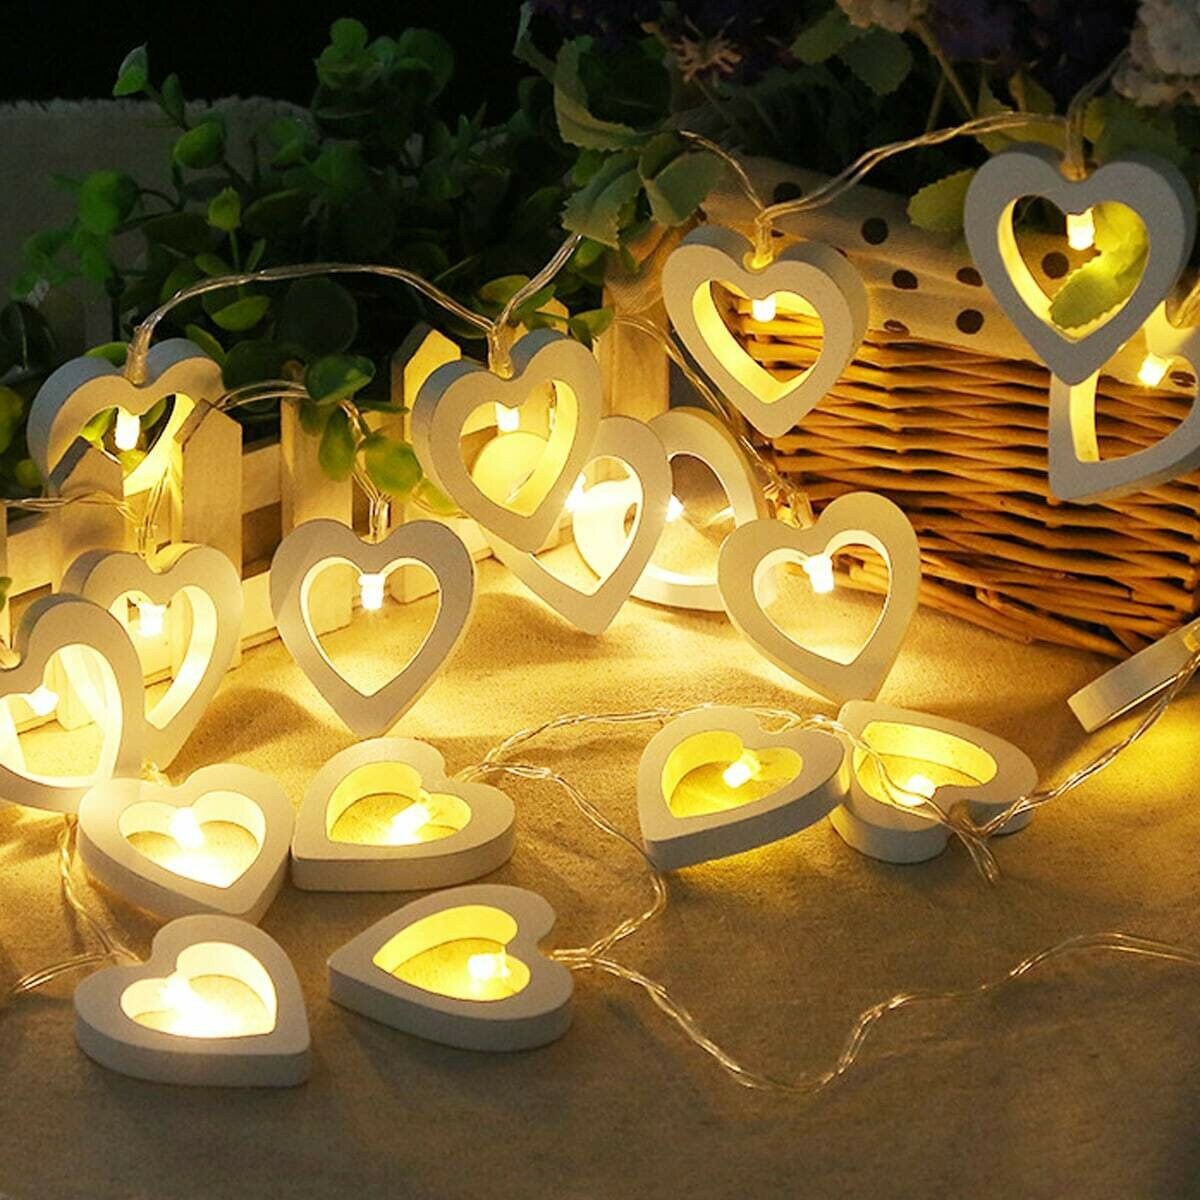 Гирлянда с лампочкой в форме сердечка 10шт